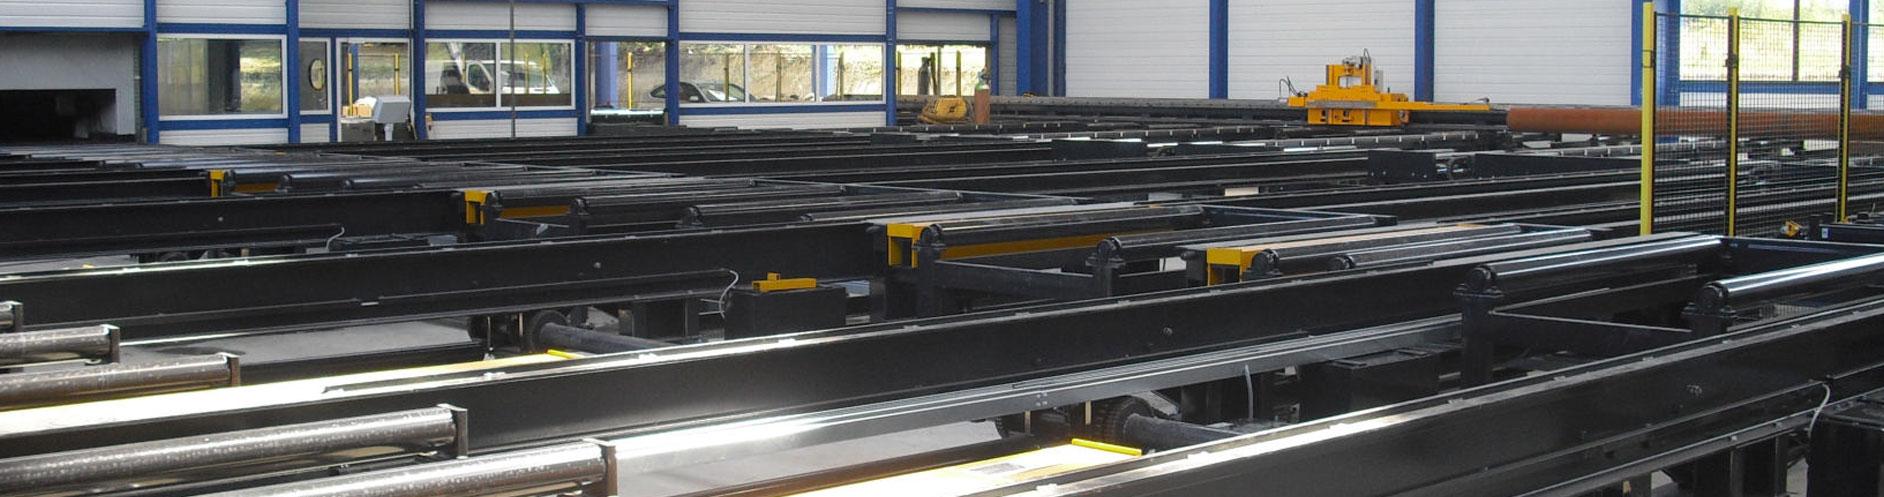 Manutecno Installazione e manutenzione macchine utensili